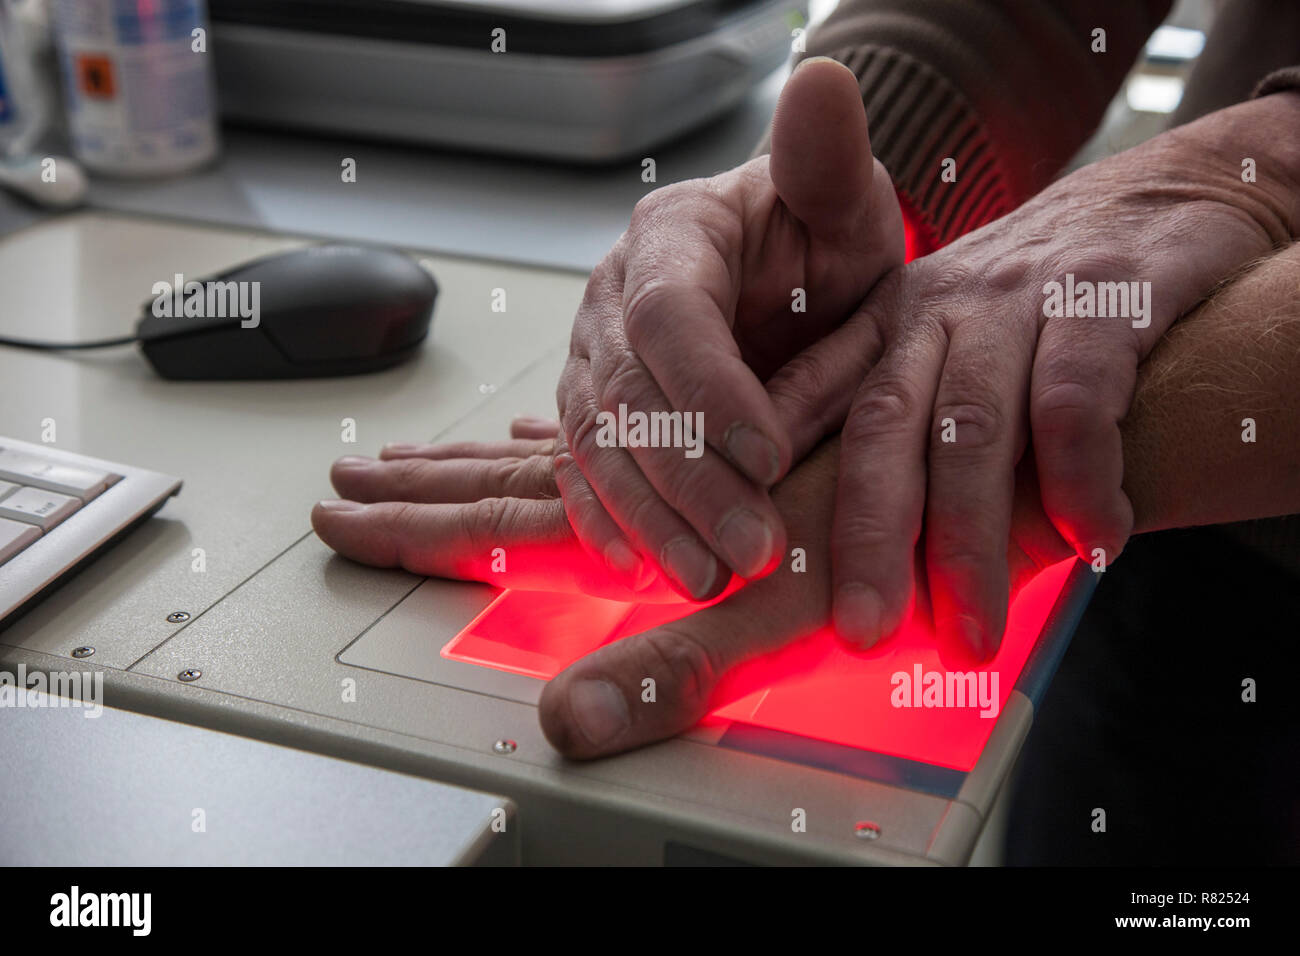 Des empreintes digitales et palmaires d'une personne suspecte sont enregistrés avec un scanner, Allemagne Photo Stock